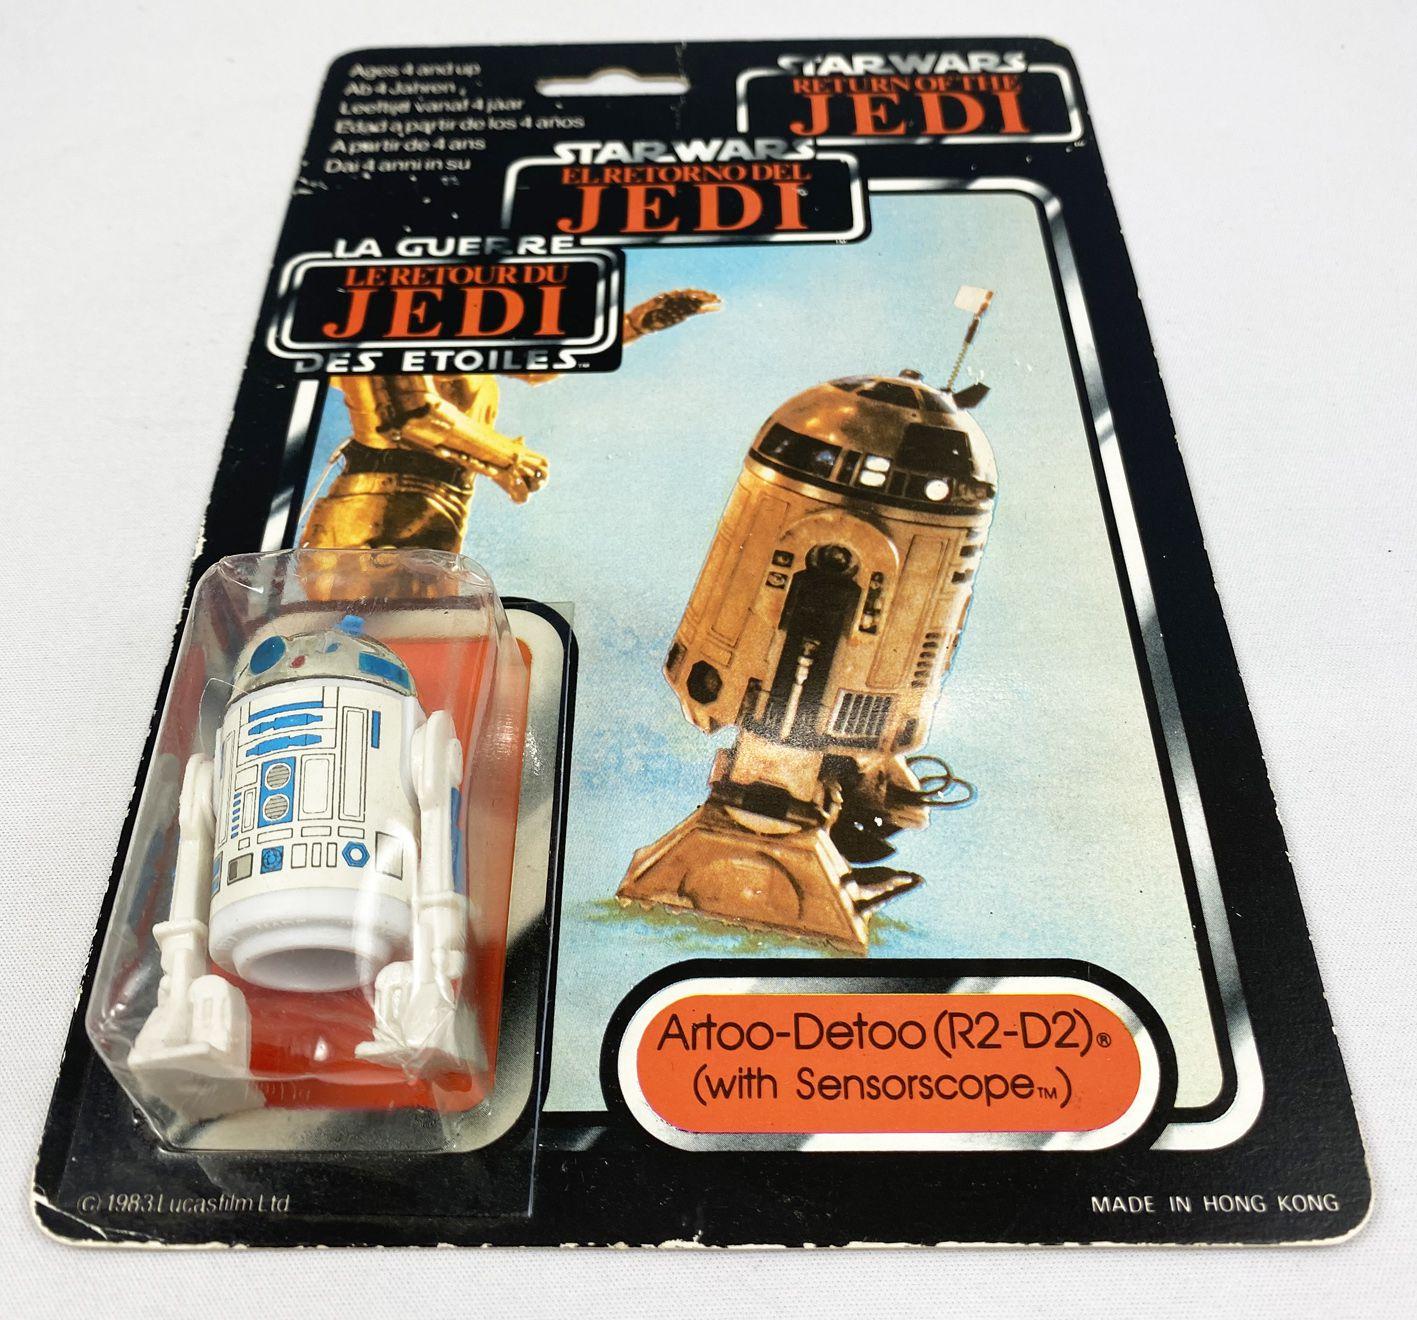 Star Wars Trilogo ROTJ 1983/1985 - Kenner - Artoo-Detoo (R2-D2) with Sensorscope